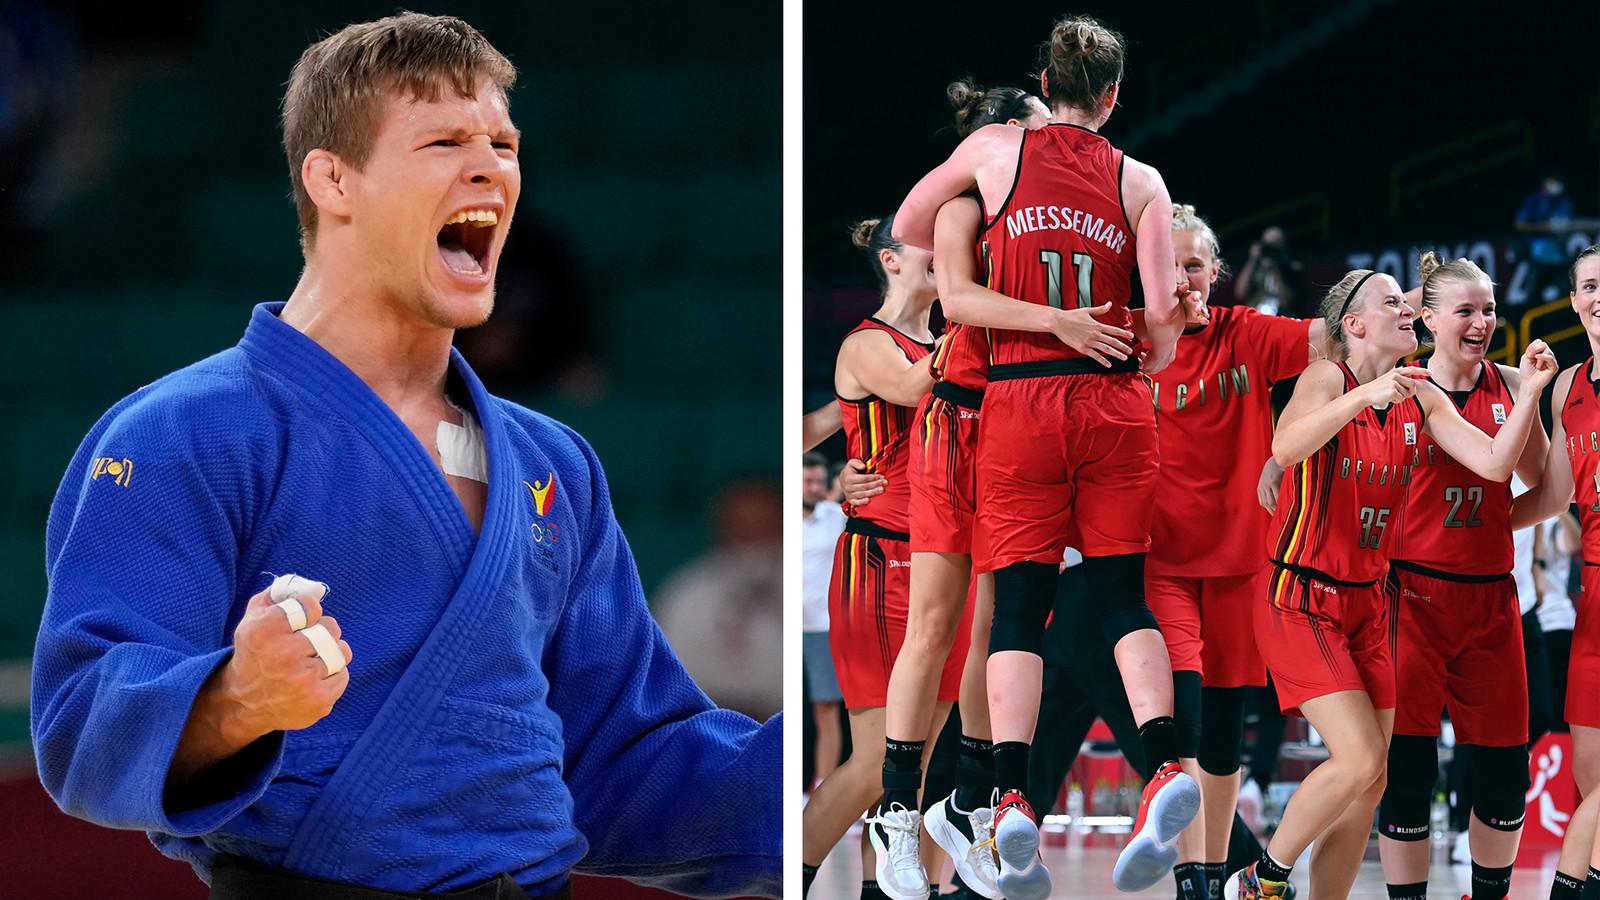 Le judoka Matthias Casse qui a décroché le bronze en -81kg. De leur côté, les Belgian Cats ont démarré leur tournoi par un exploit contre l'Australie.